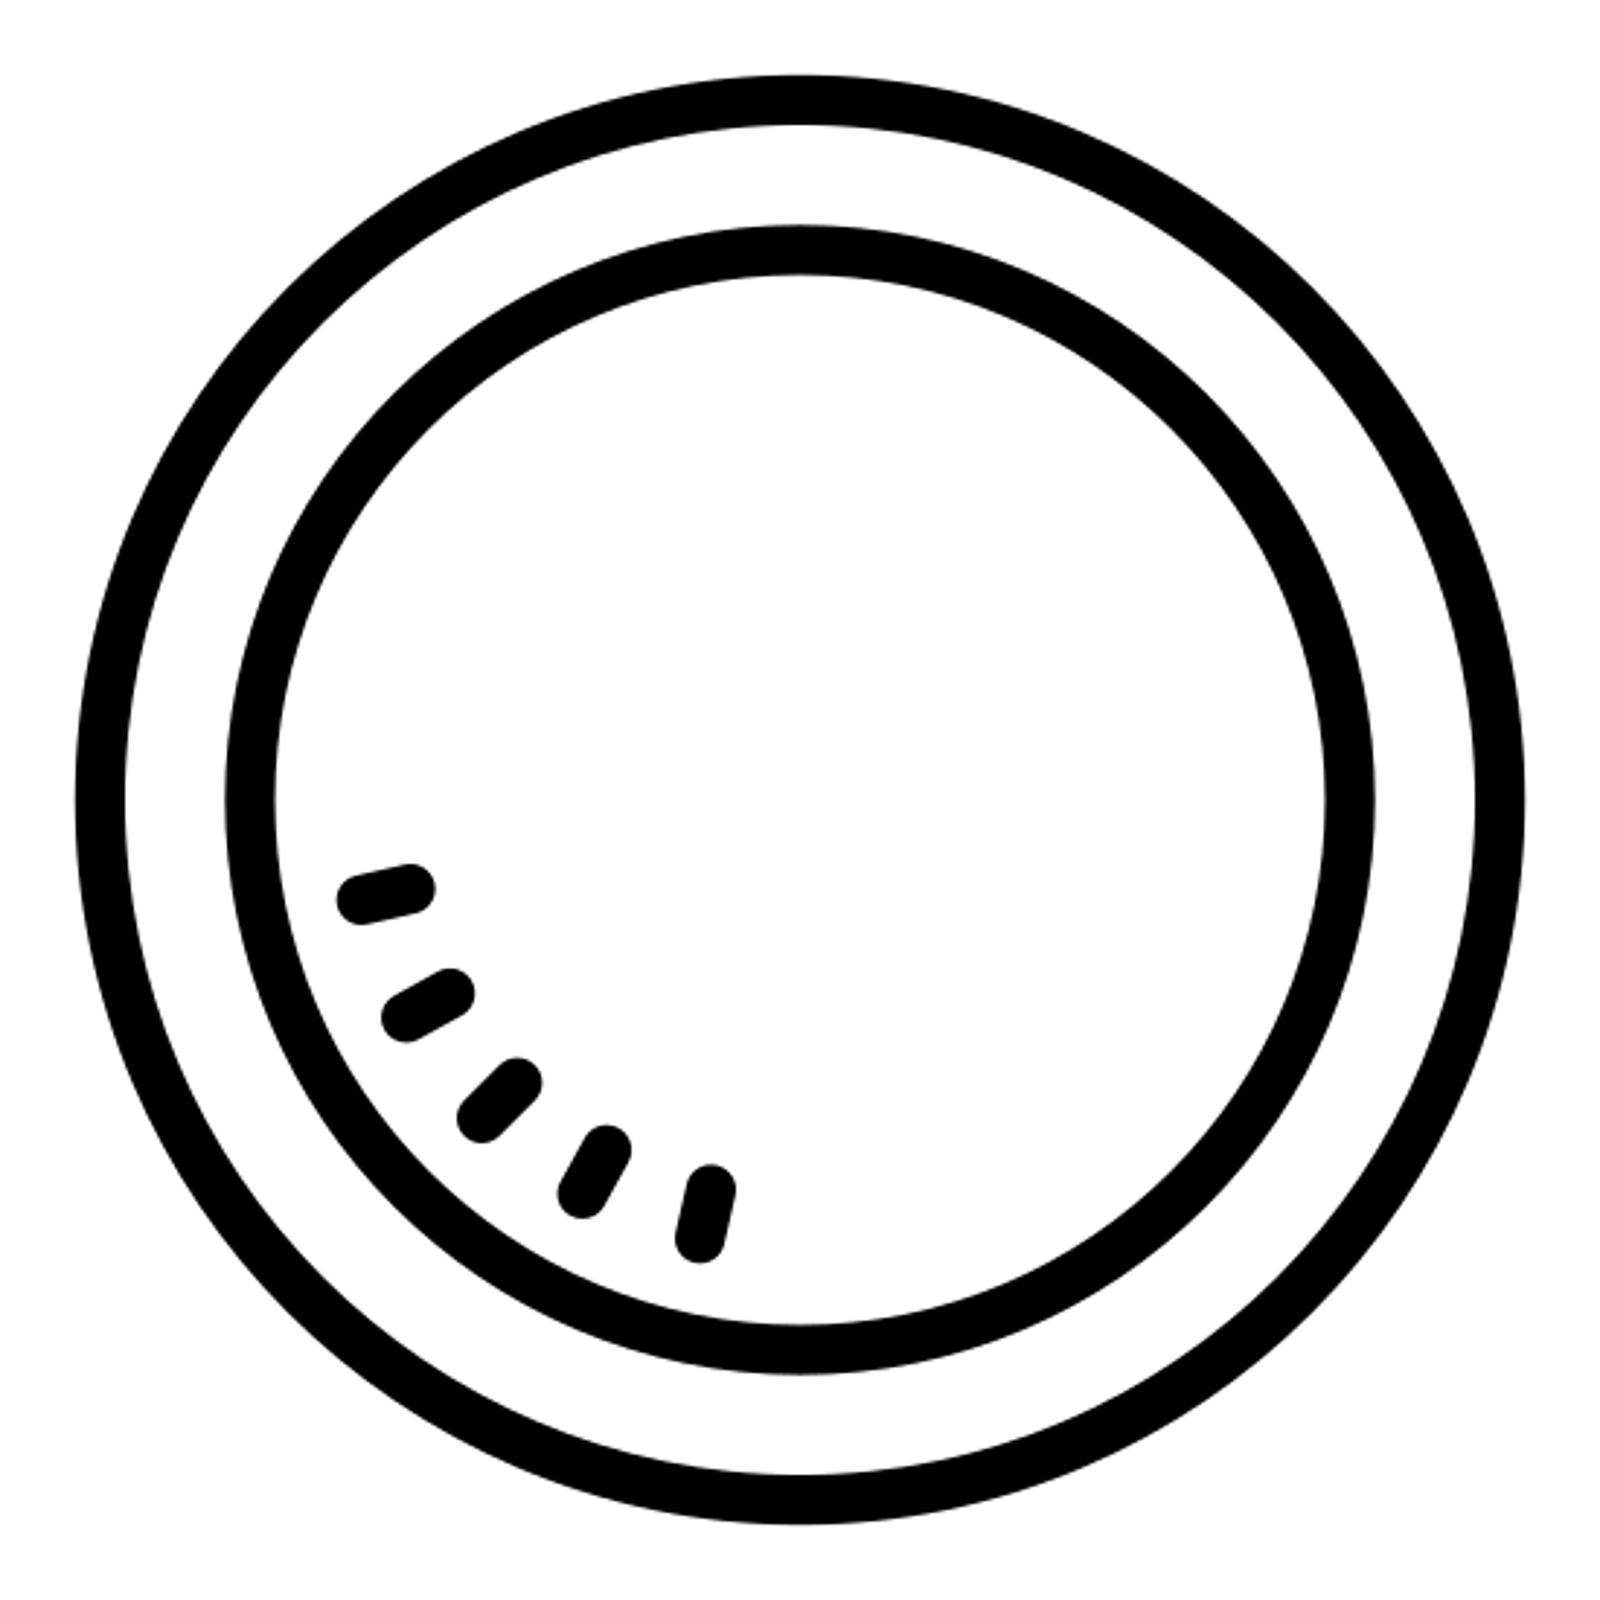 Zaznaczone kółkiem icon